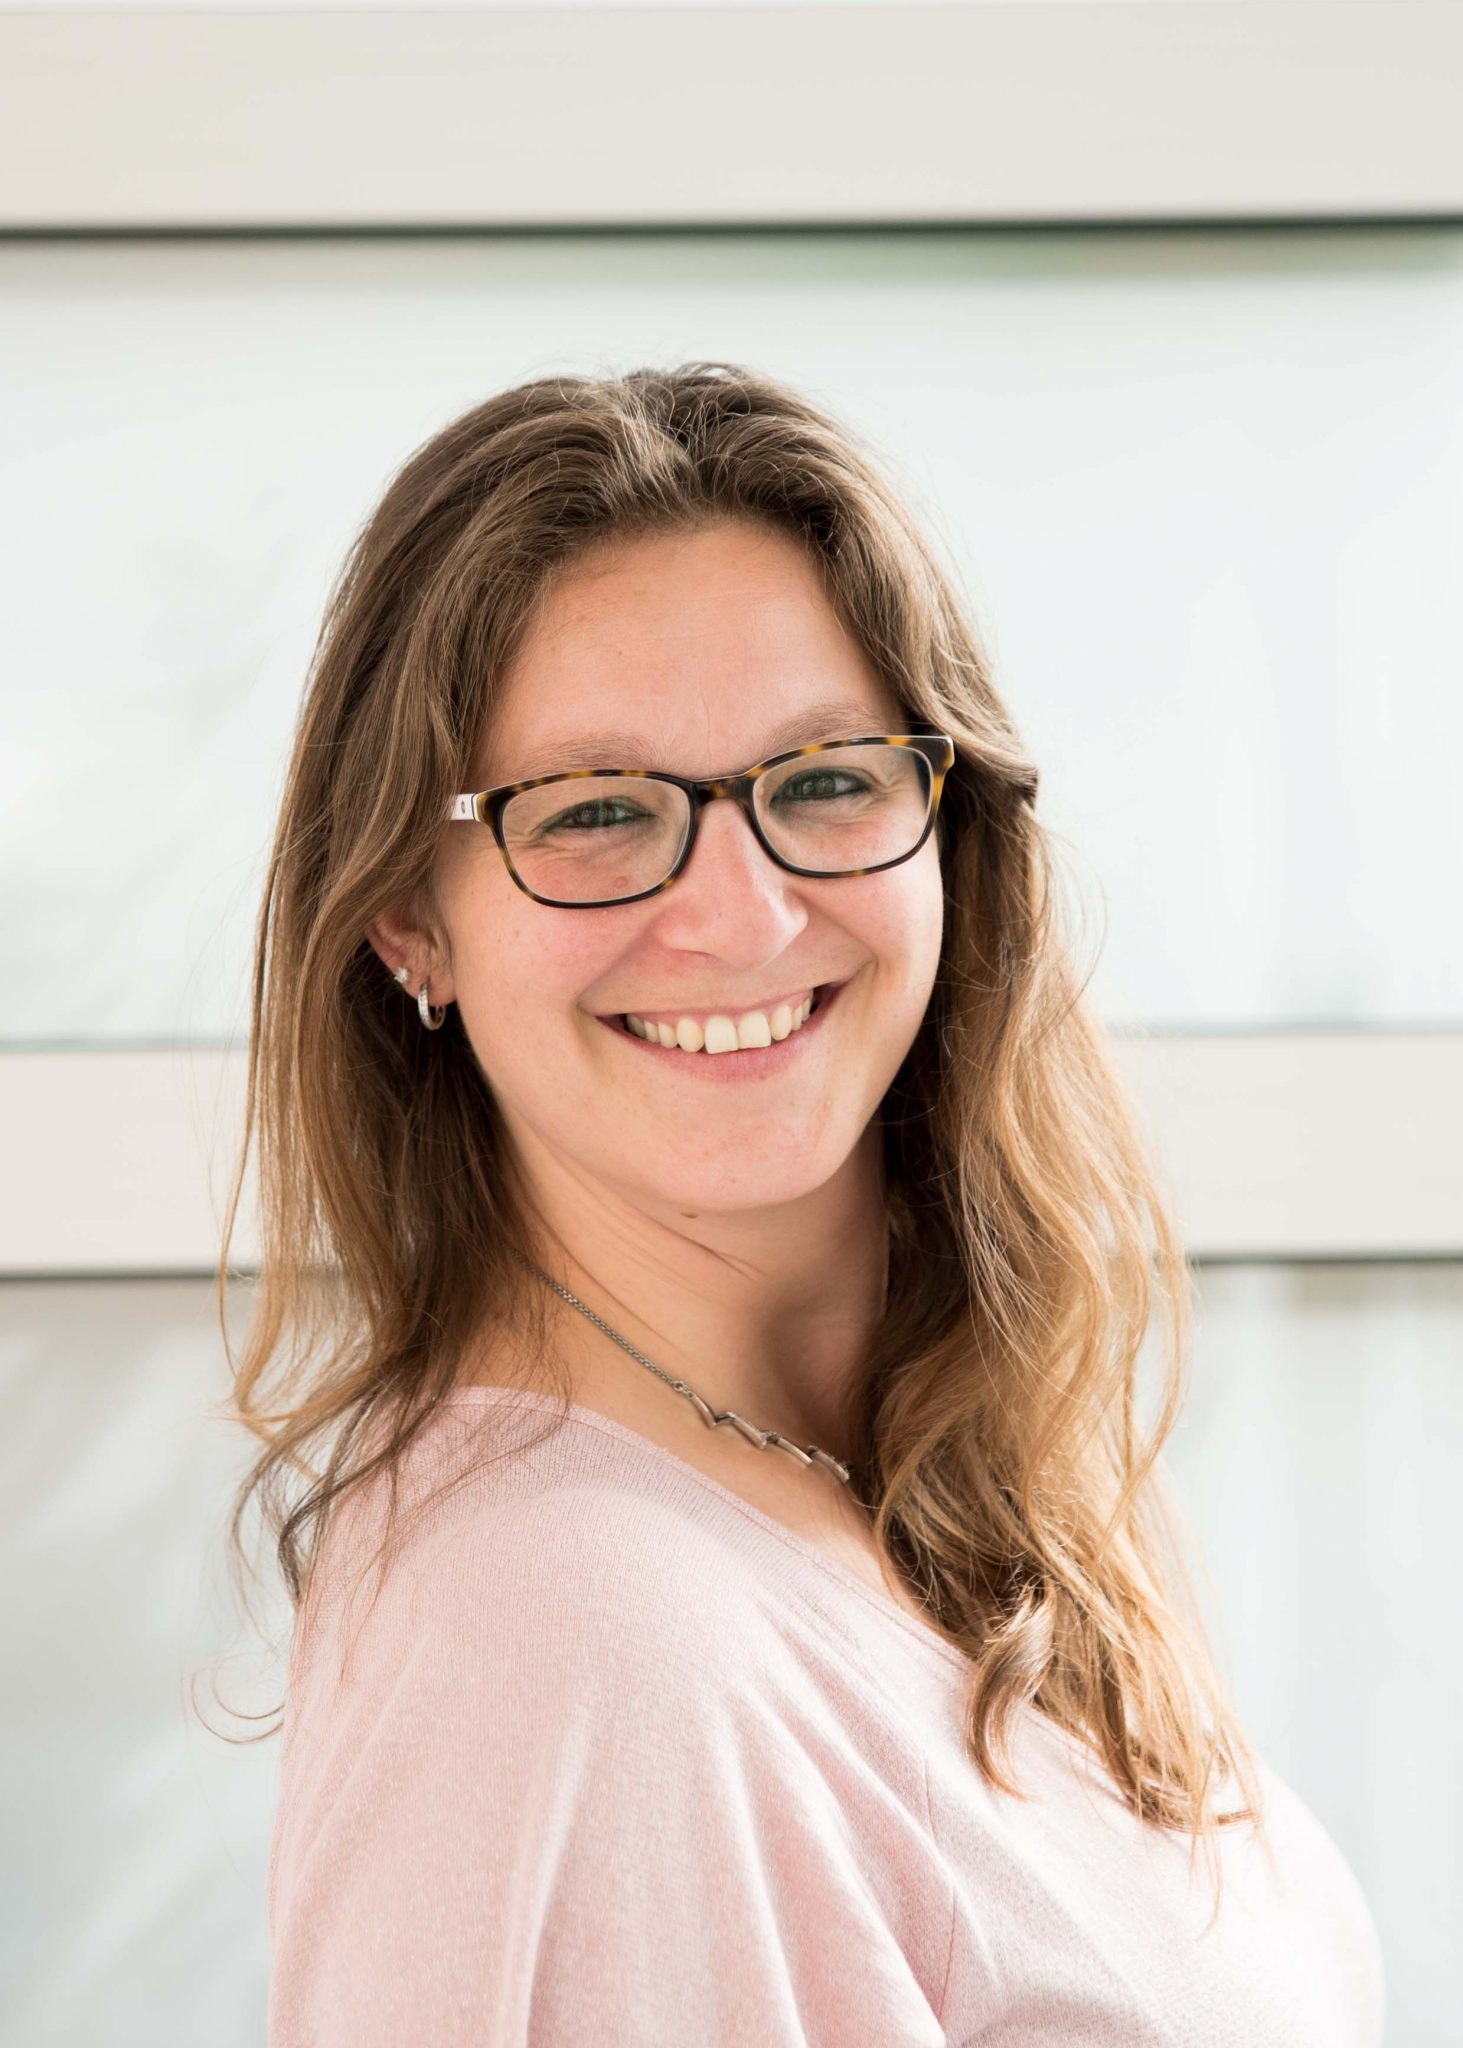 Irene Dijkxhoorn